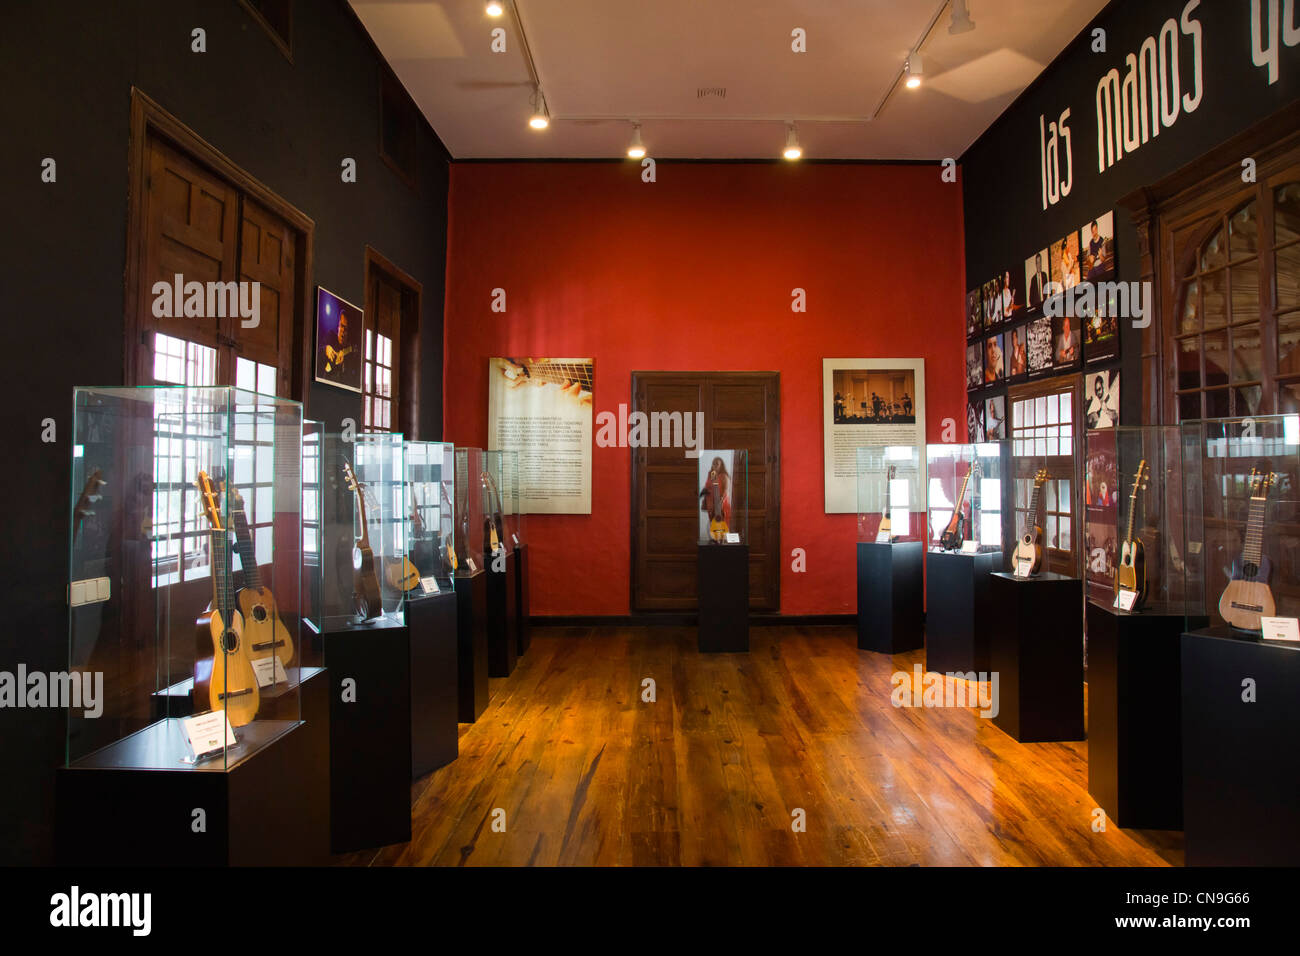 Casa del Timple in Teguise, Museum und Erbe Zentrum widmet sich der Kanarischen 5-saitige Instrument - Hände Stockbild